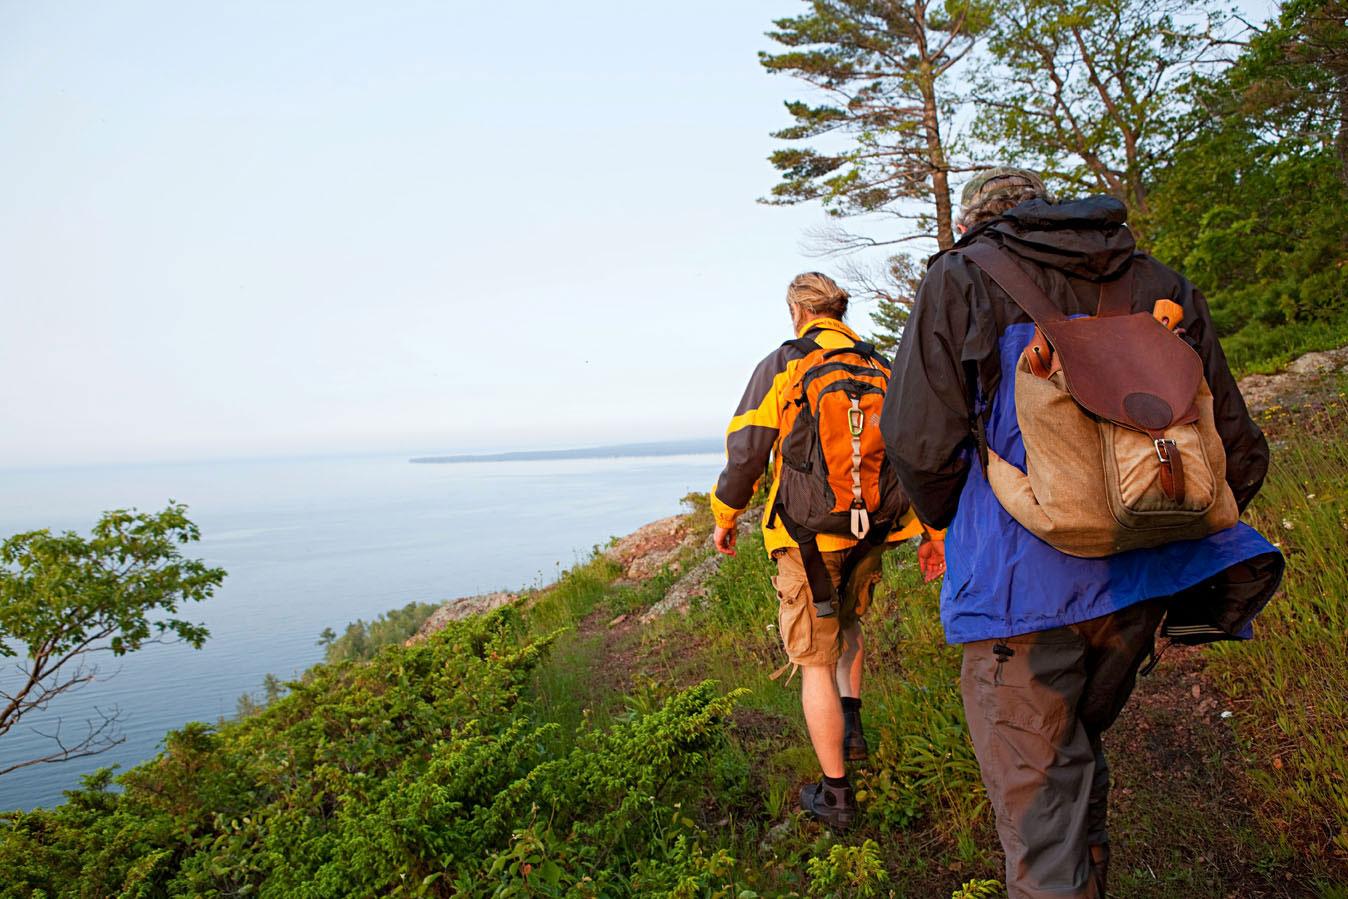 Hiking on the Keweenaw Peninsula.